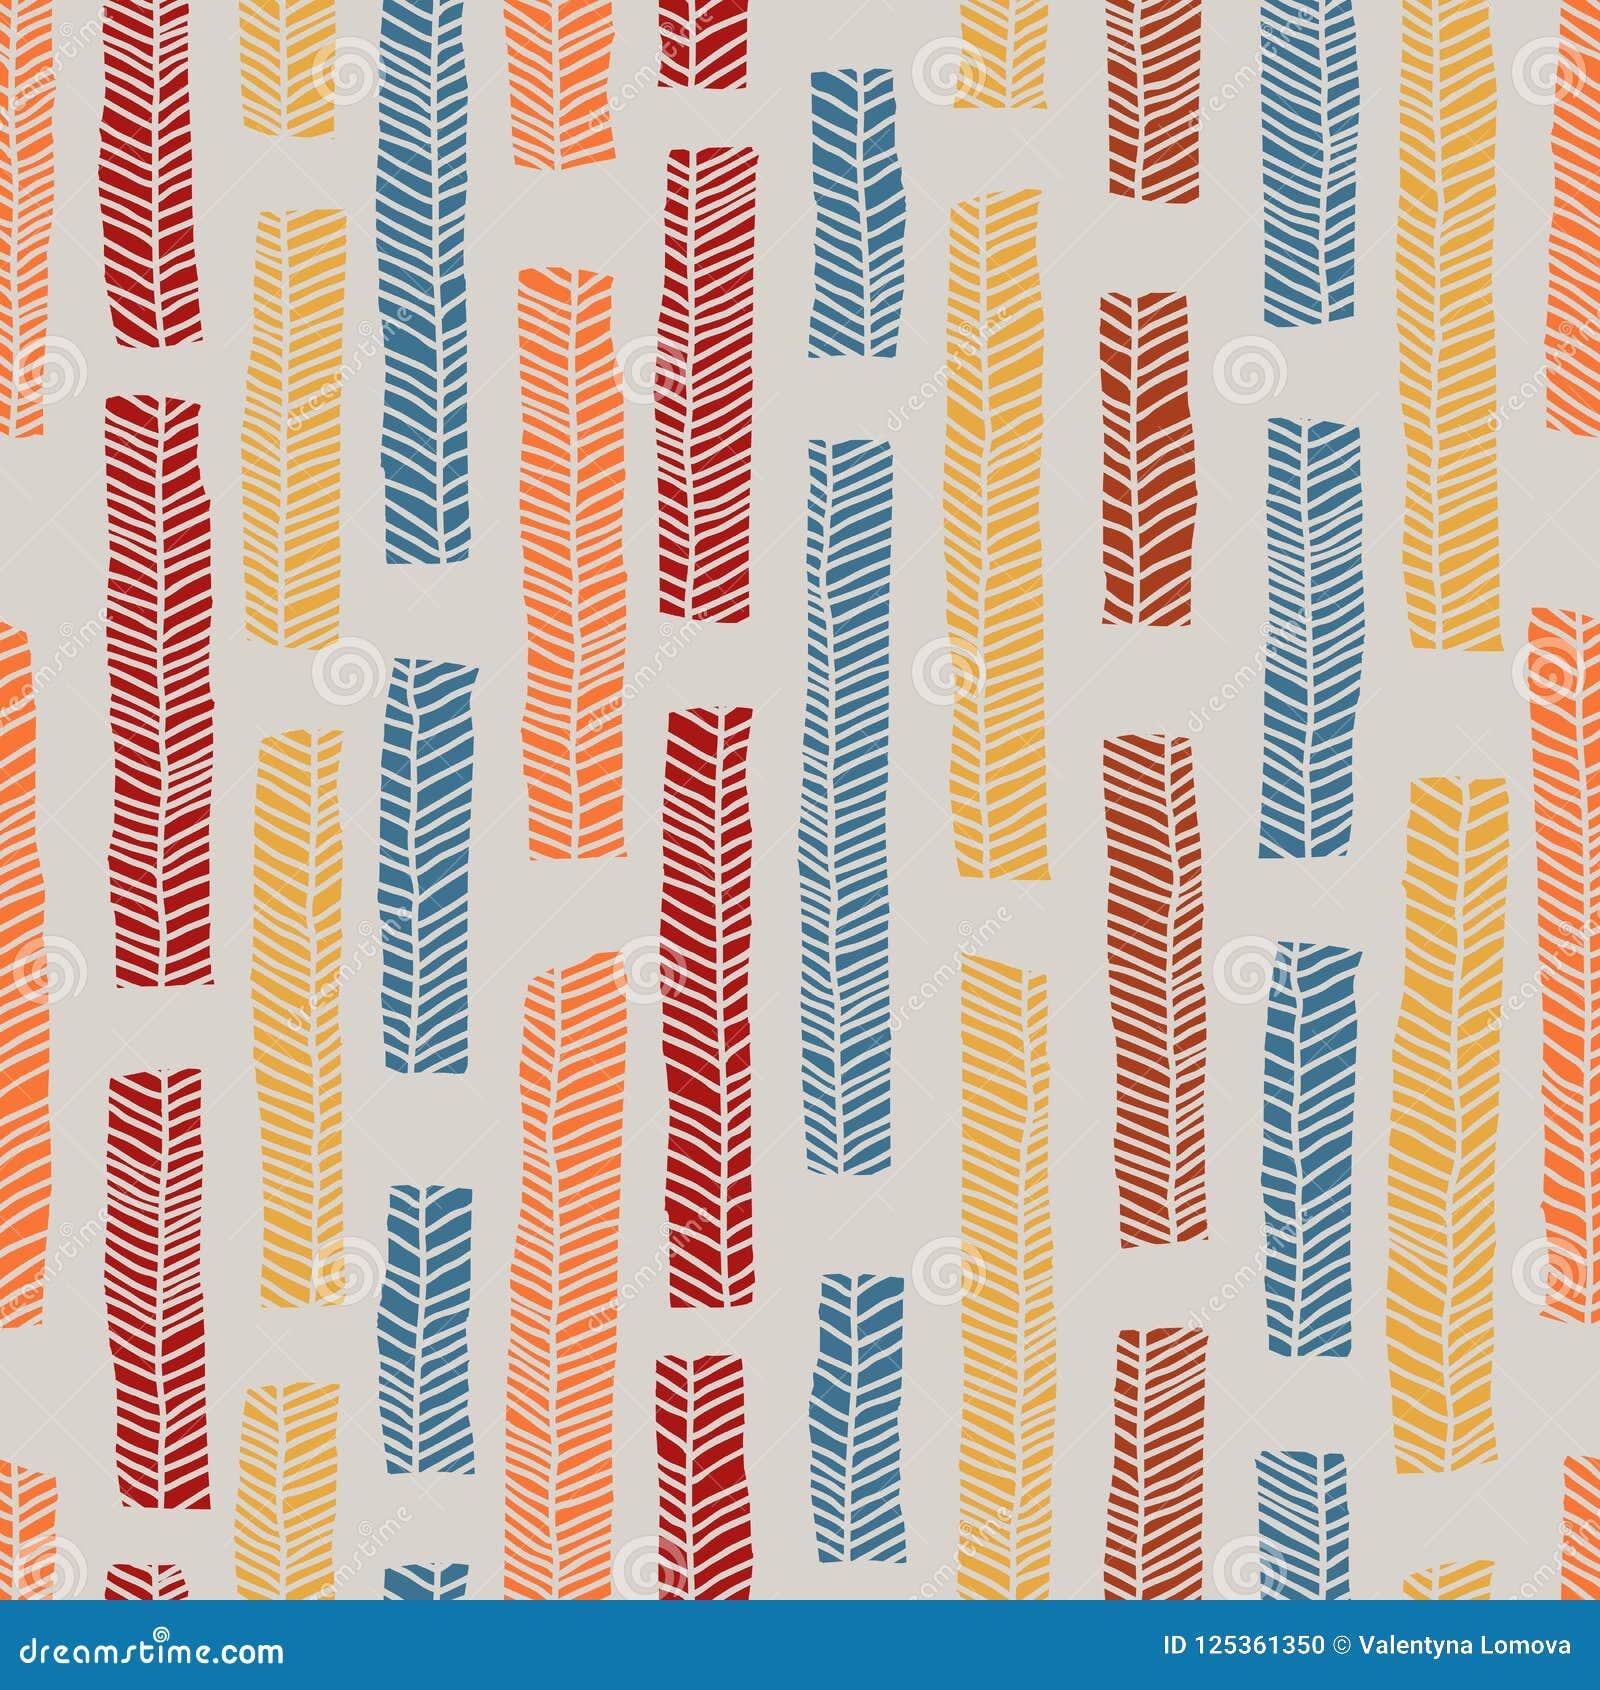 Inheems vector naadloos patroon met inbegrip van enthnic multicolored bladeren als achtergrond of textuur